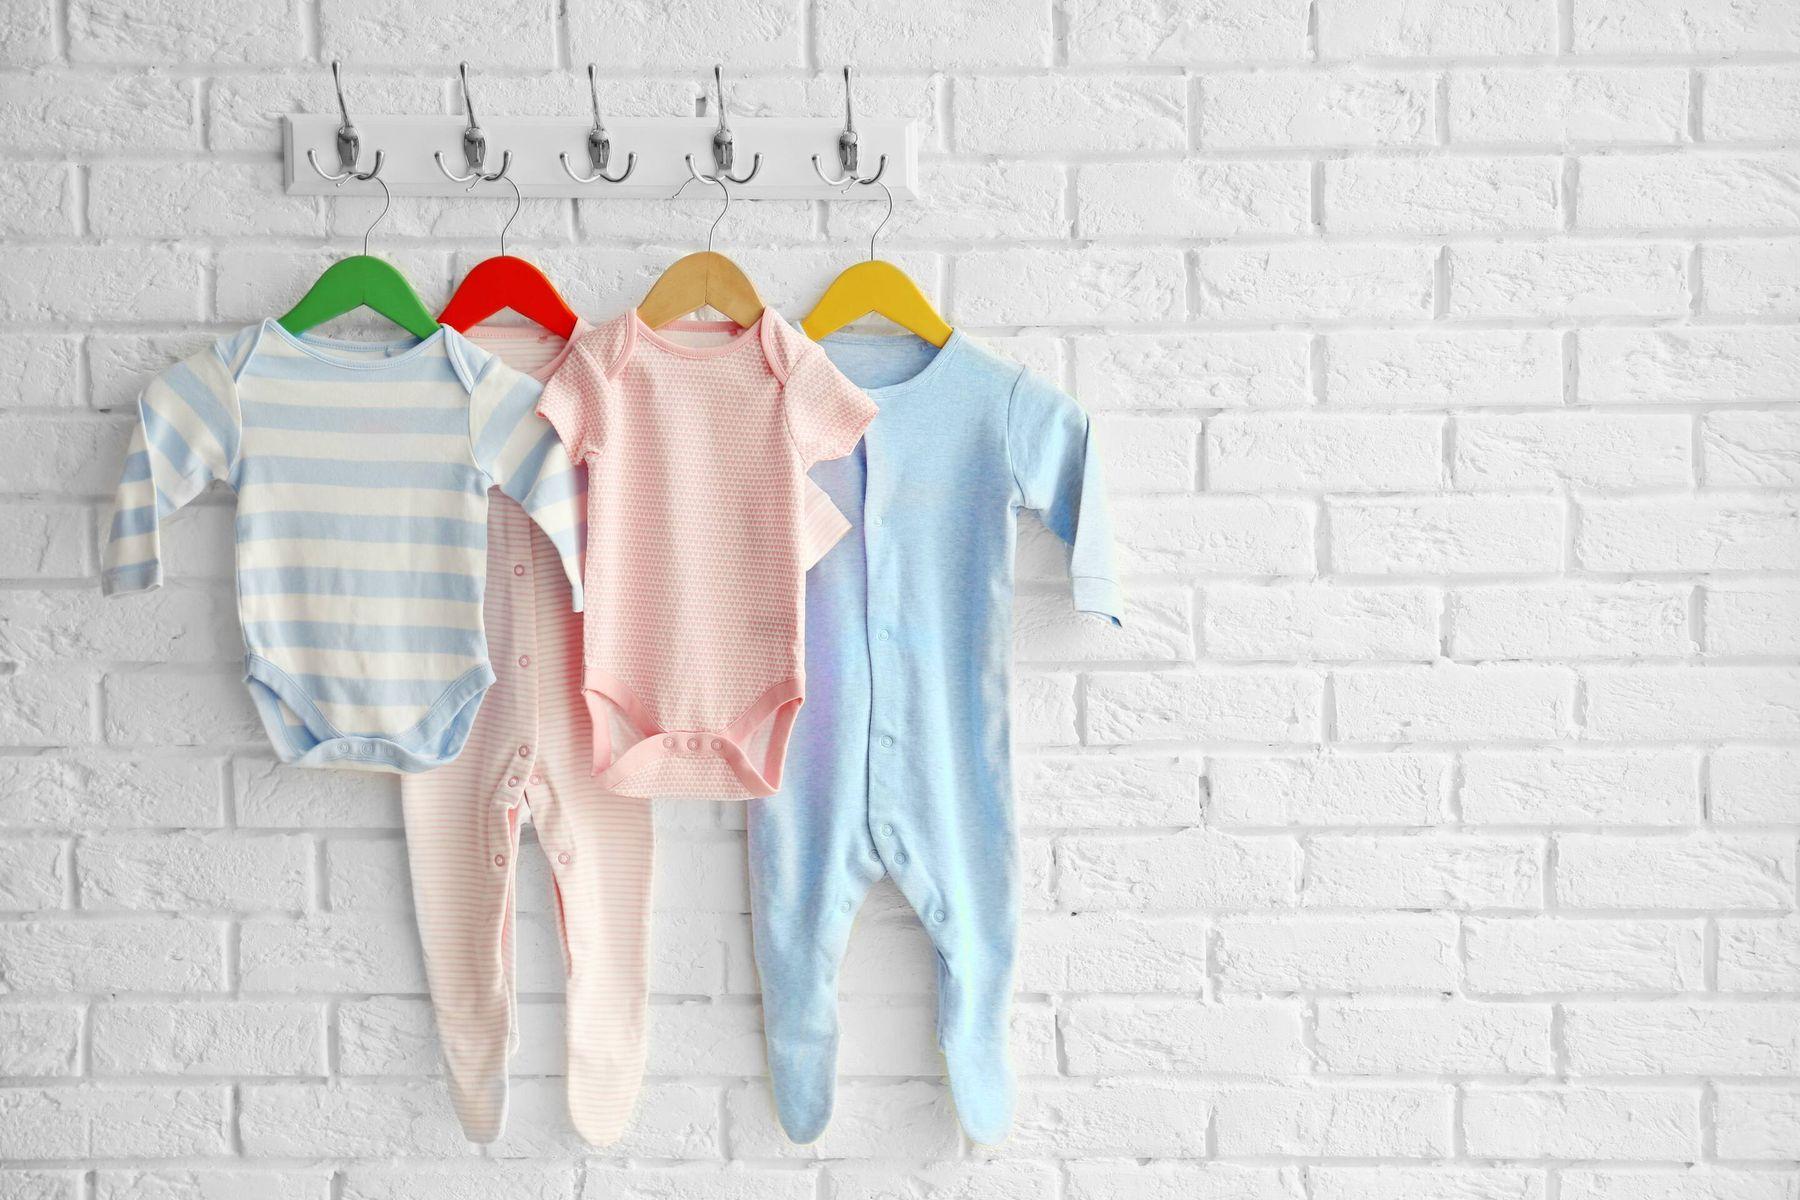 क्या आप अभी-अभी बने हैं माता-पिता? तो अपने शिशु के कपड़ों को साफ़ रखने के लिए अपनाएं ये तरीक़ा!